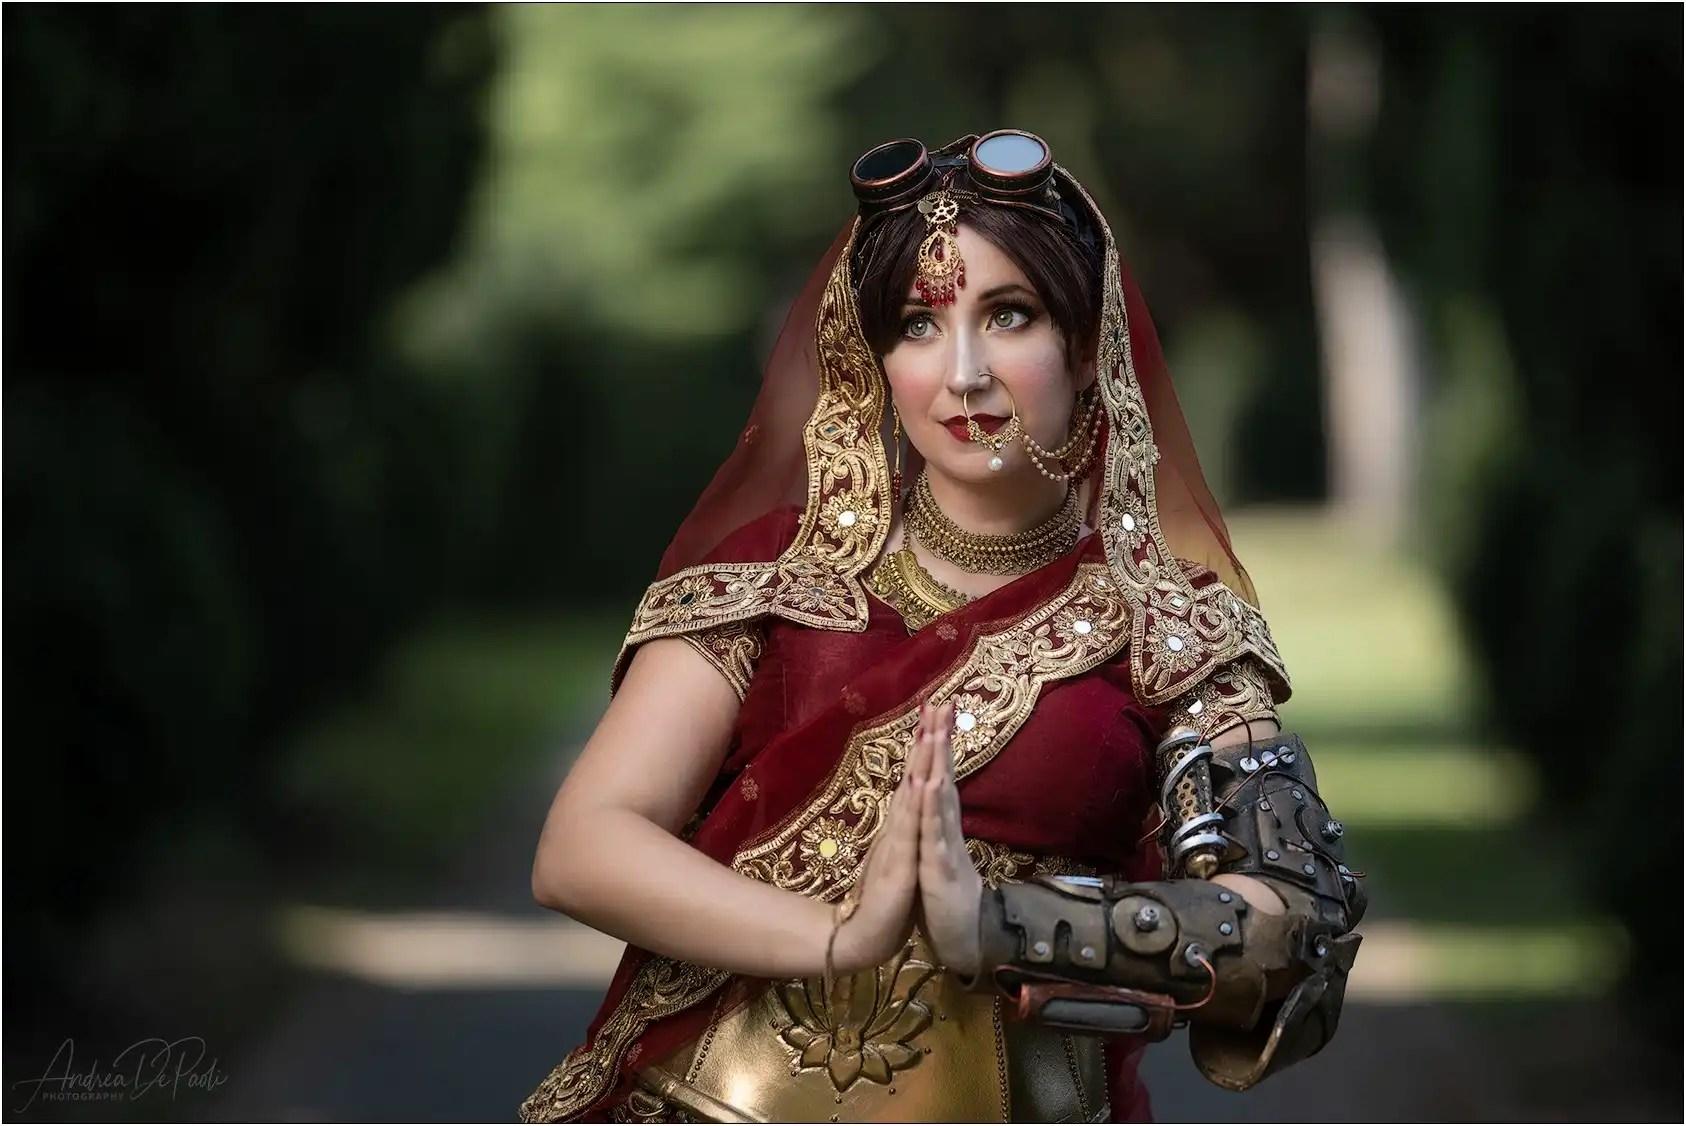 Un affascinante costume che fonde lo stile di Bollywood insieme allo Steampunk